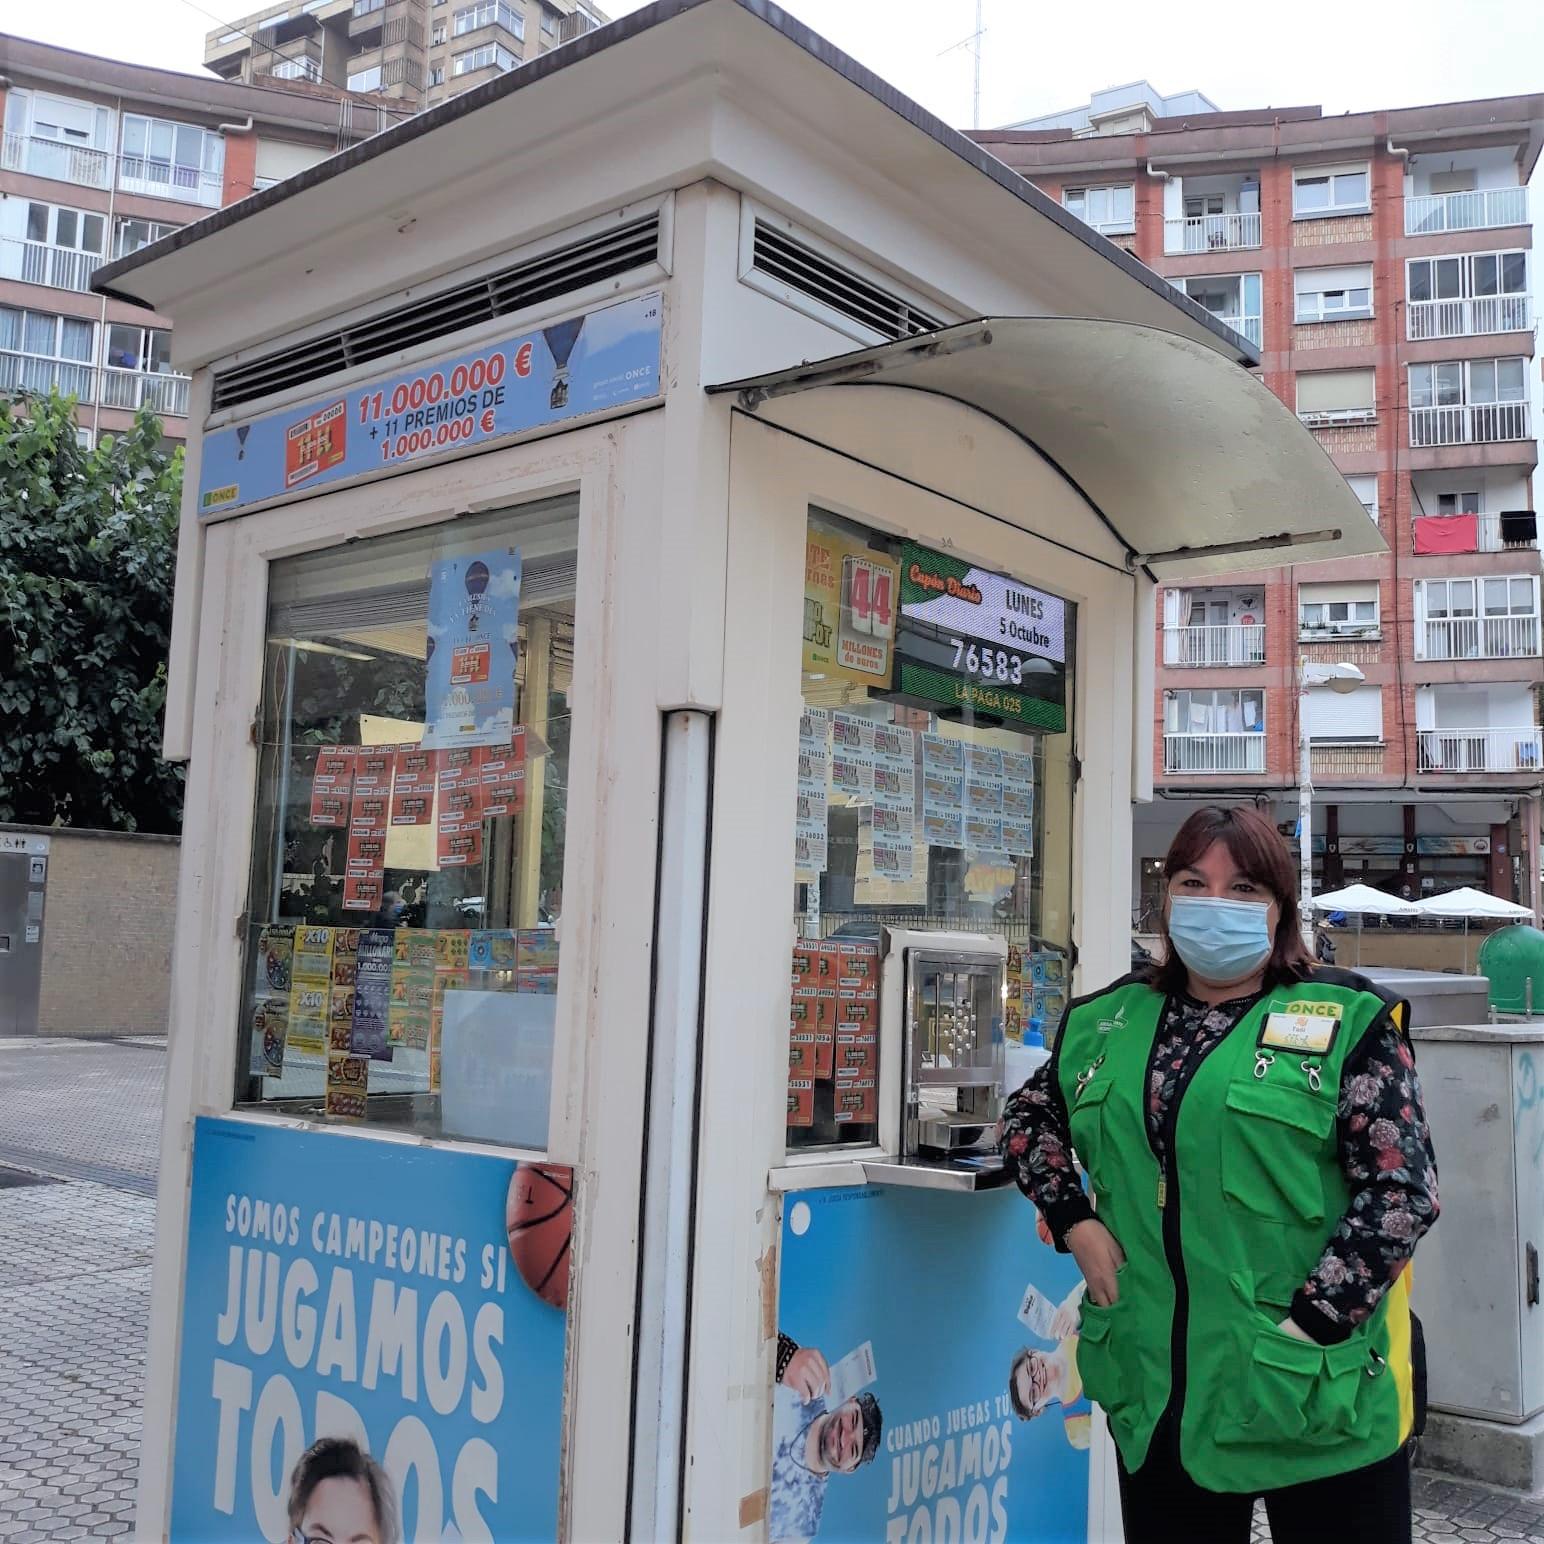 Antonia Canseco, la vendedora que ha repartido la suerte en Larratxo. Foto: ONCE